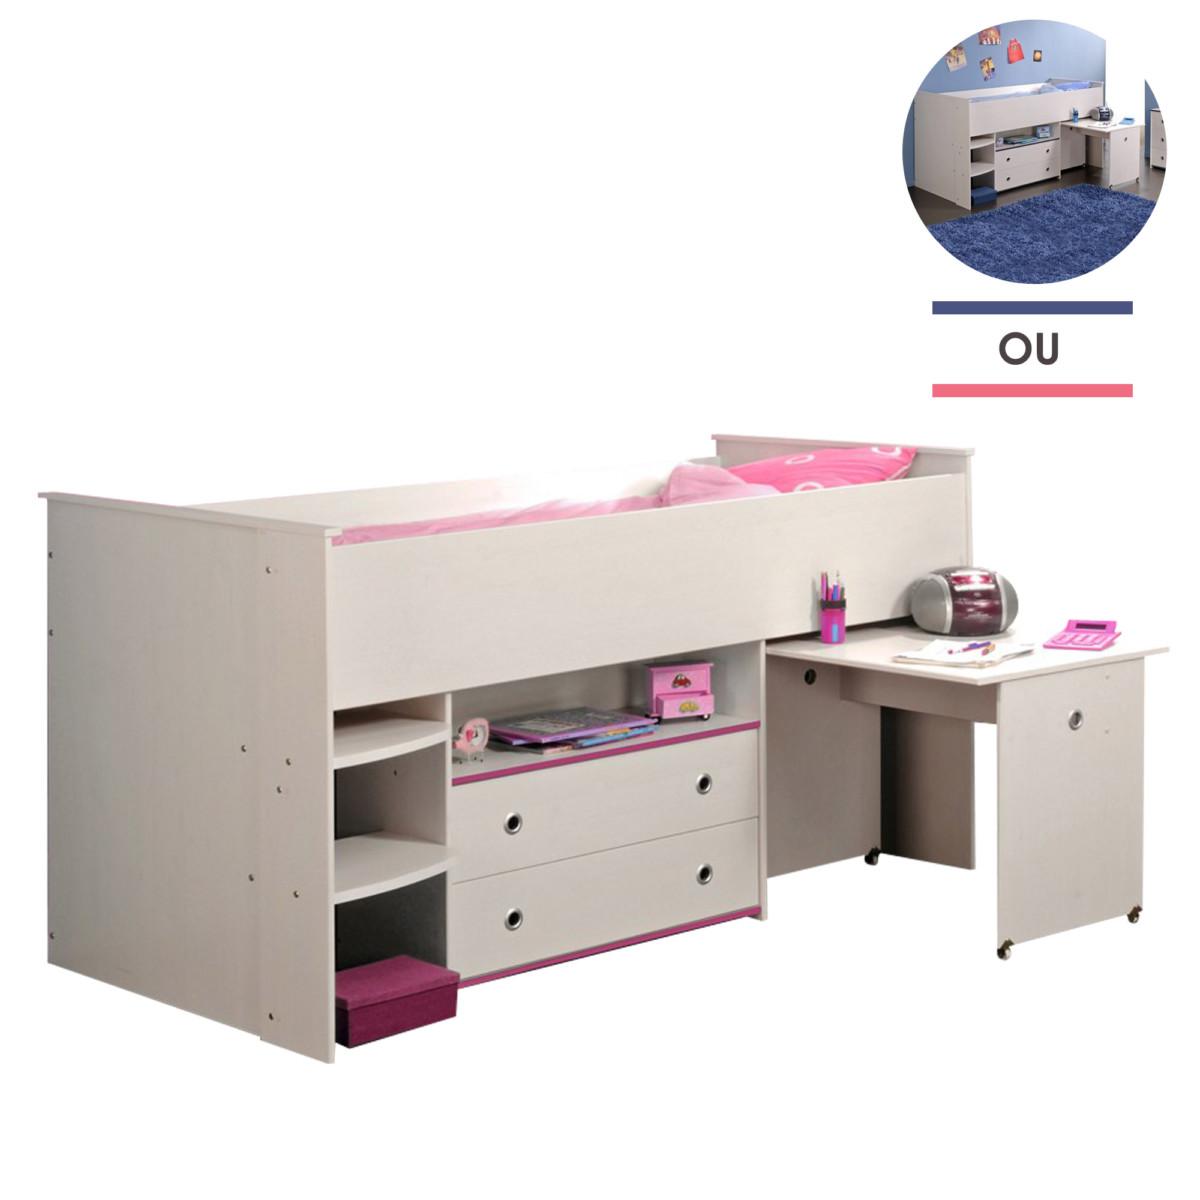 Lit combiné 90x200cm avec tiroirs et bureau intégrés bleu ou rose